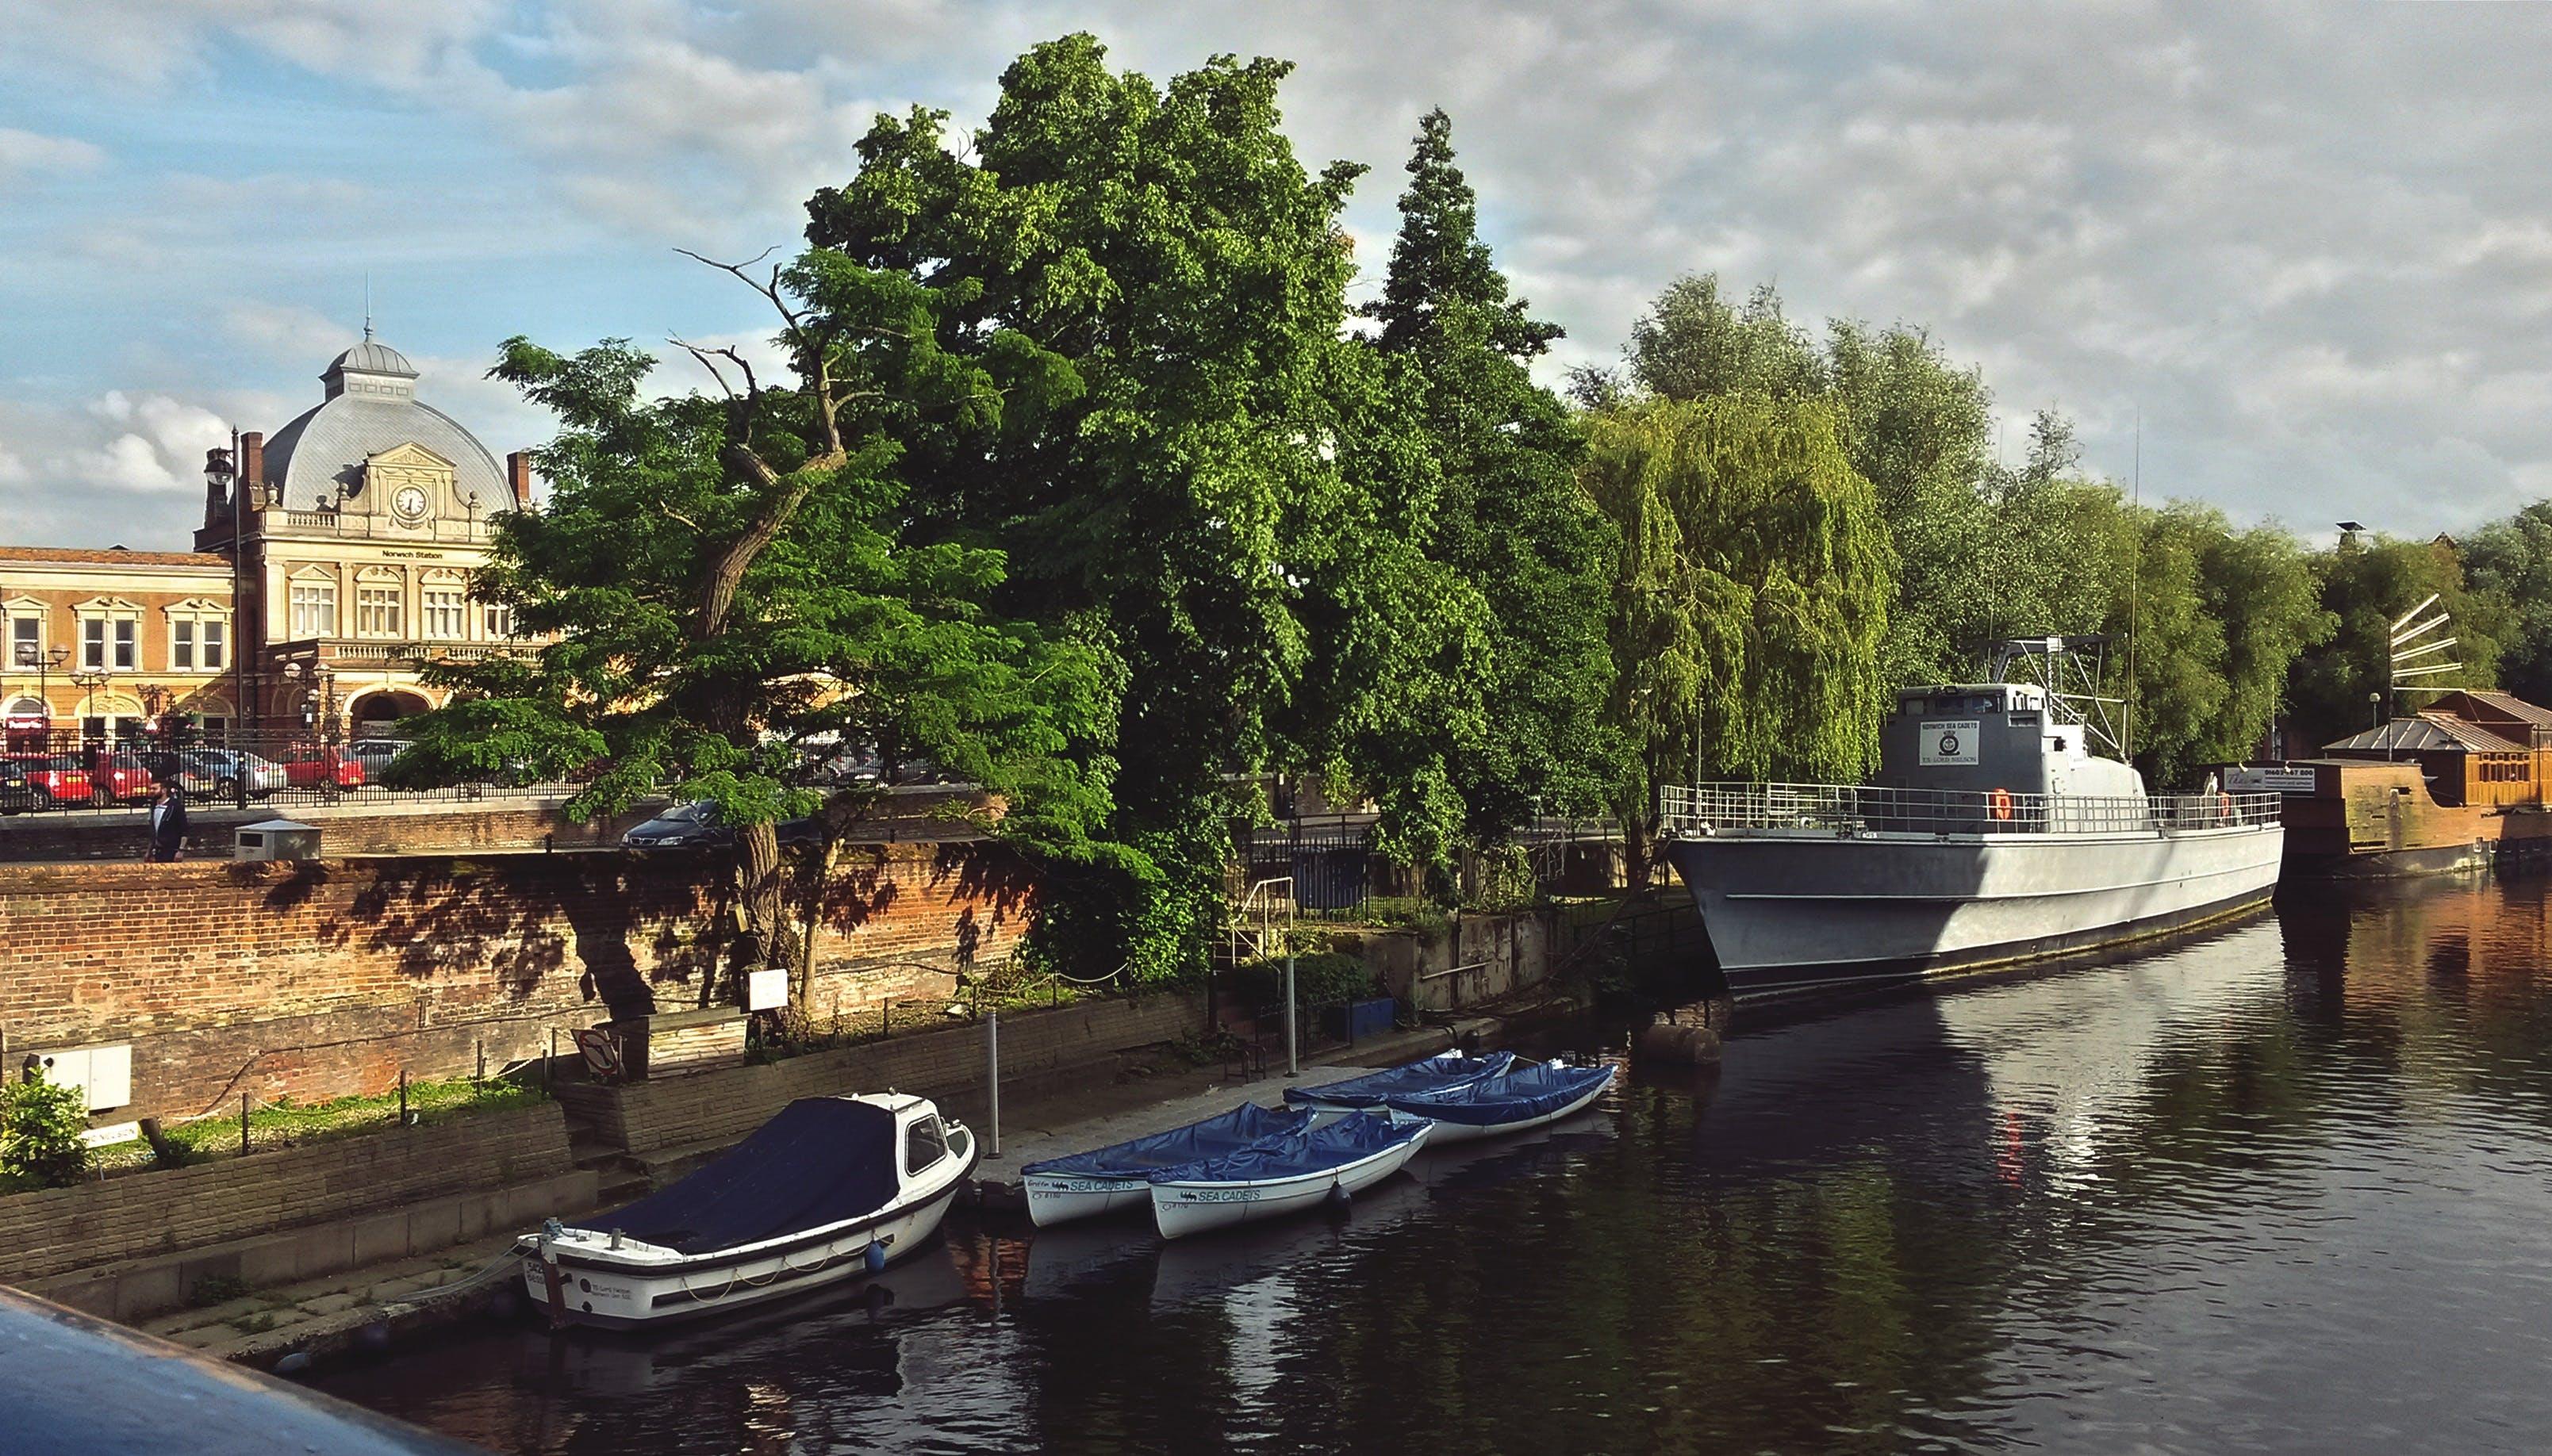 Gratis lagerfoto af både, by, flod, gammel by